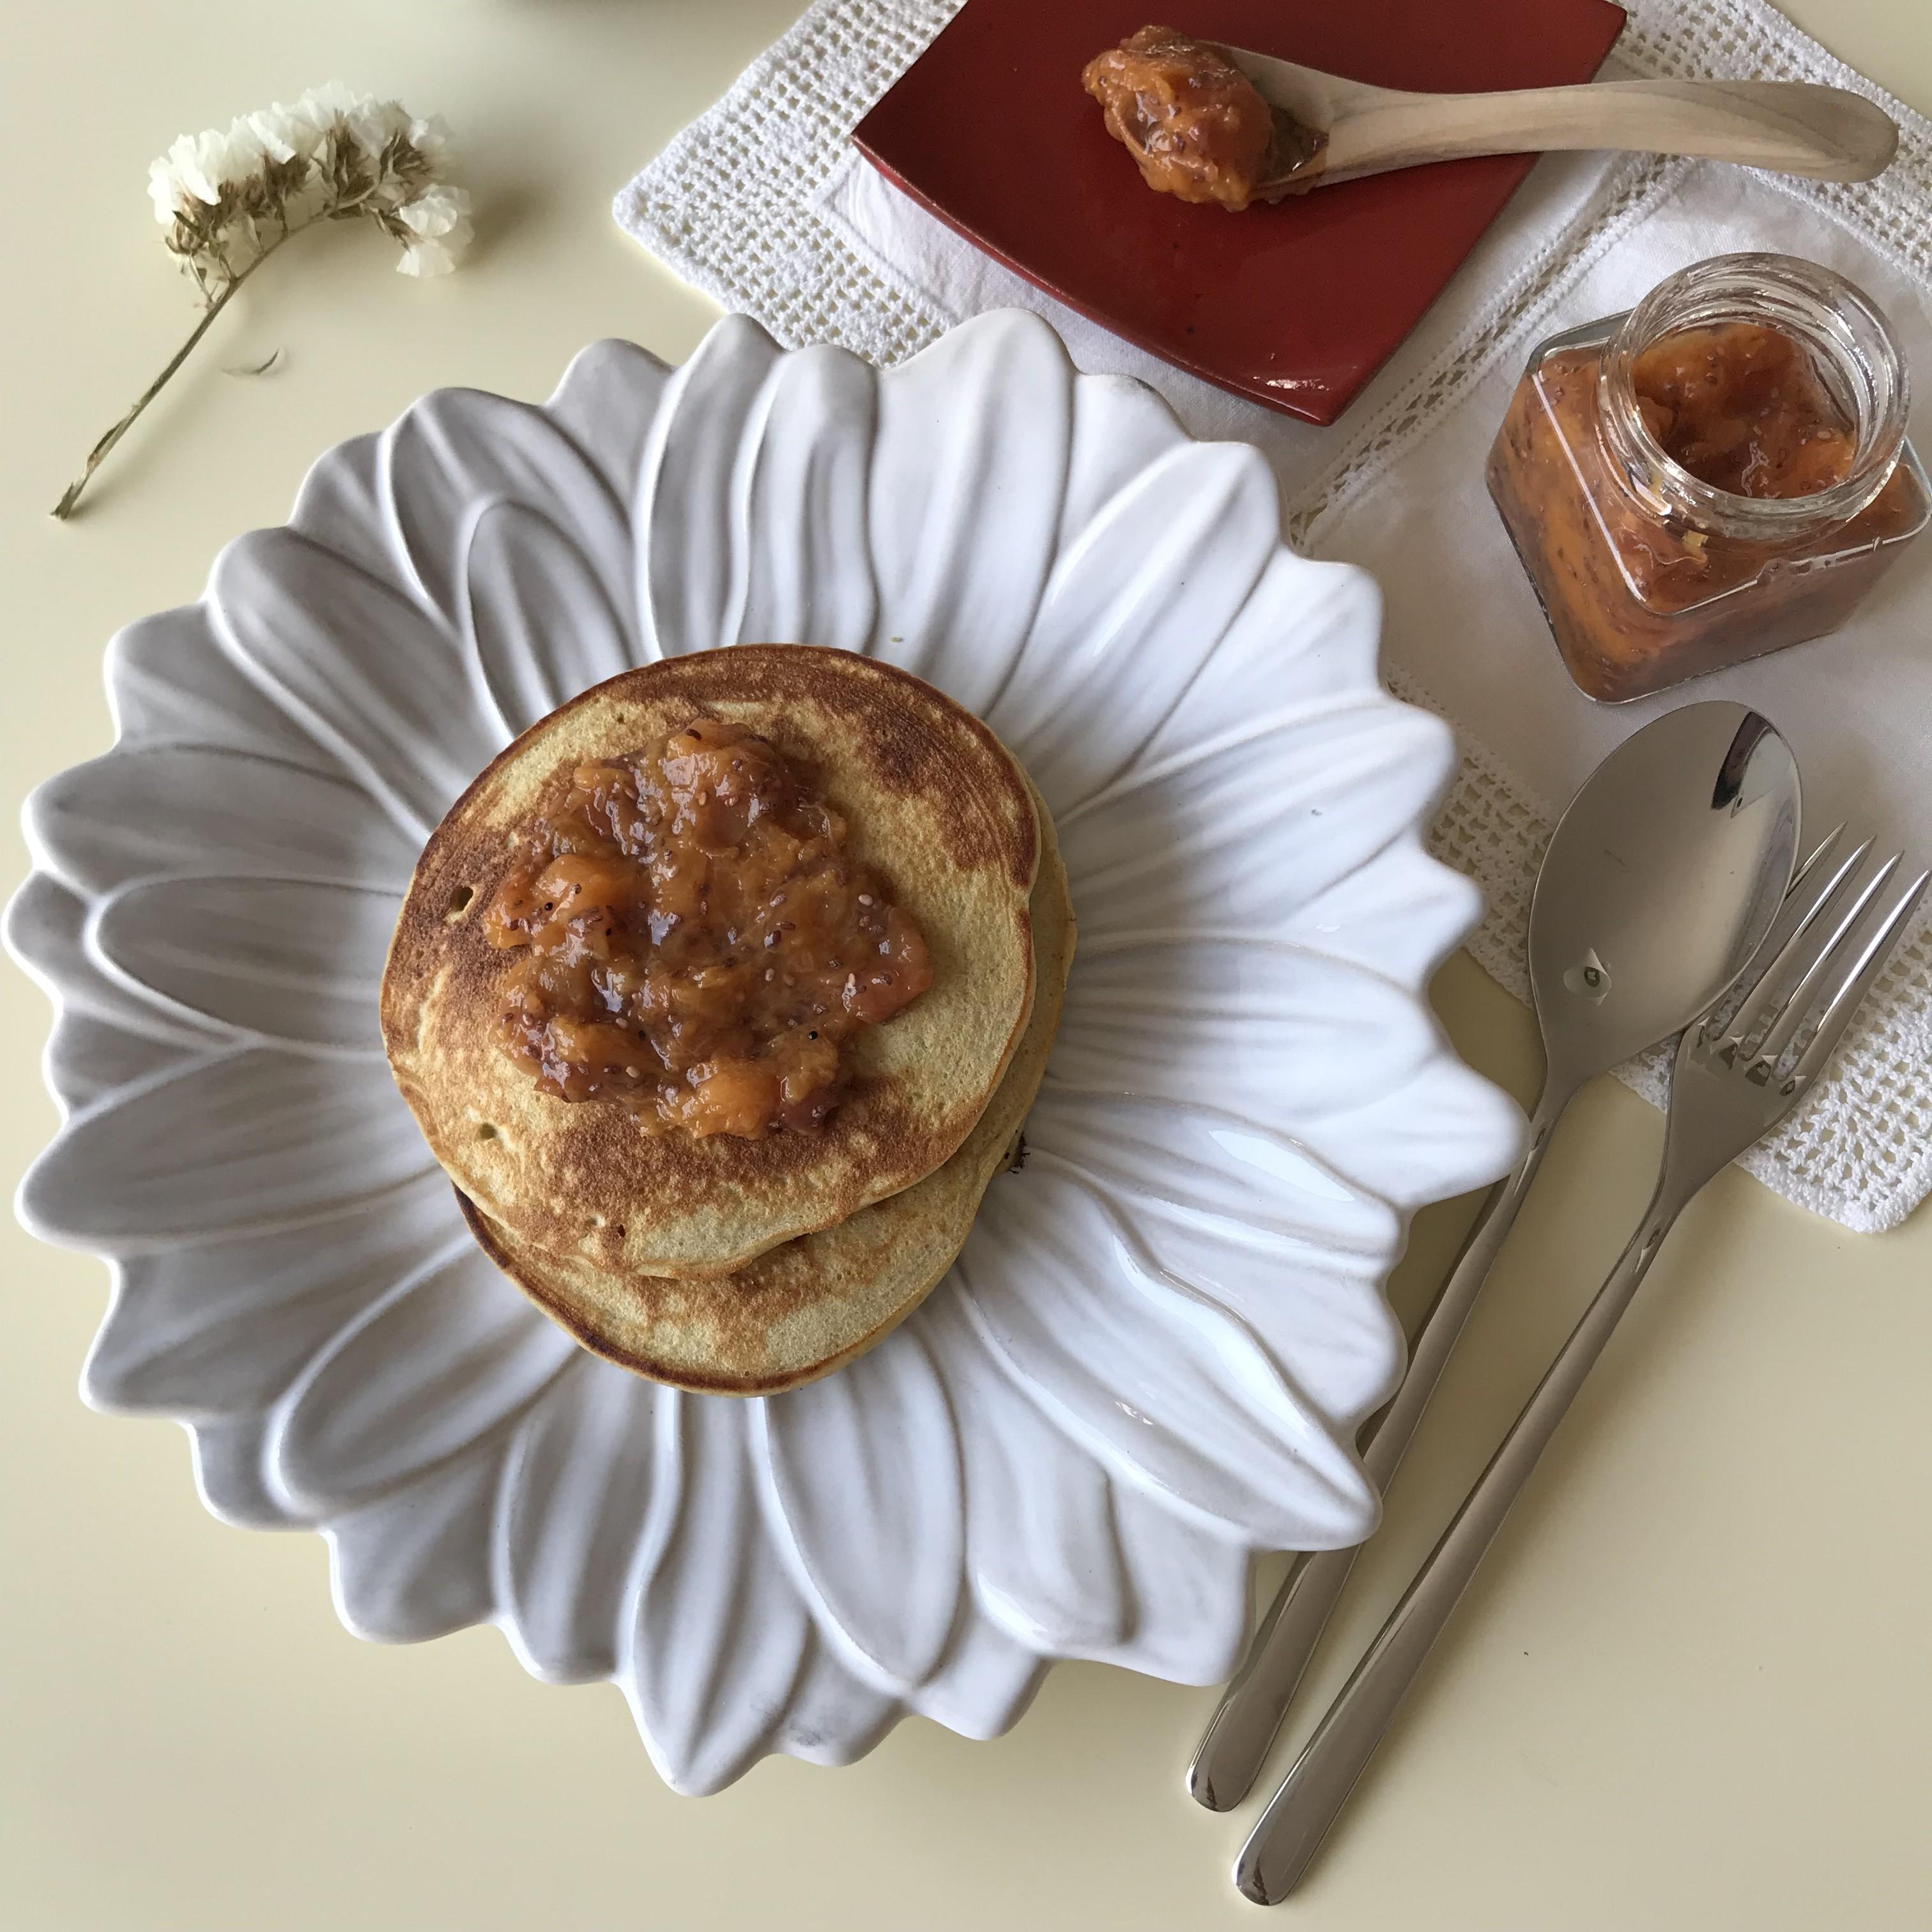 Panquecas trigo sarraceno e coco